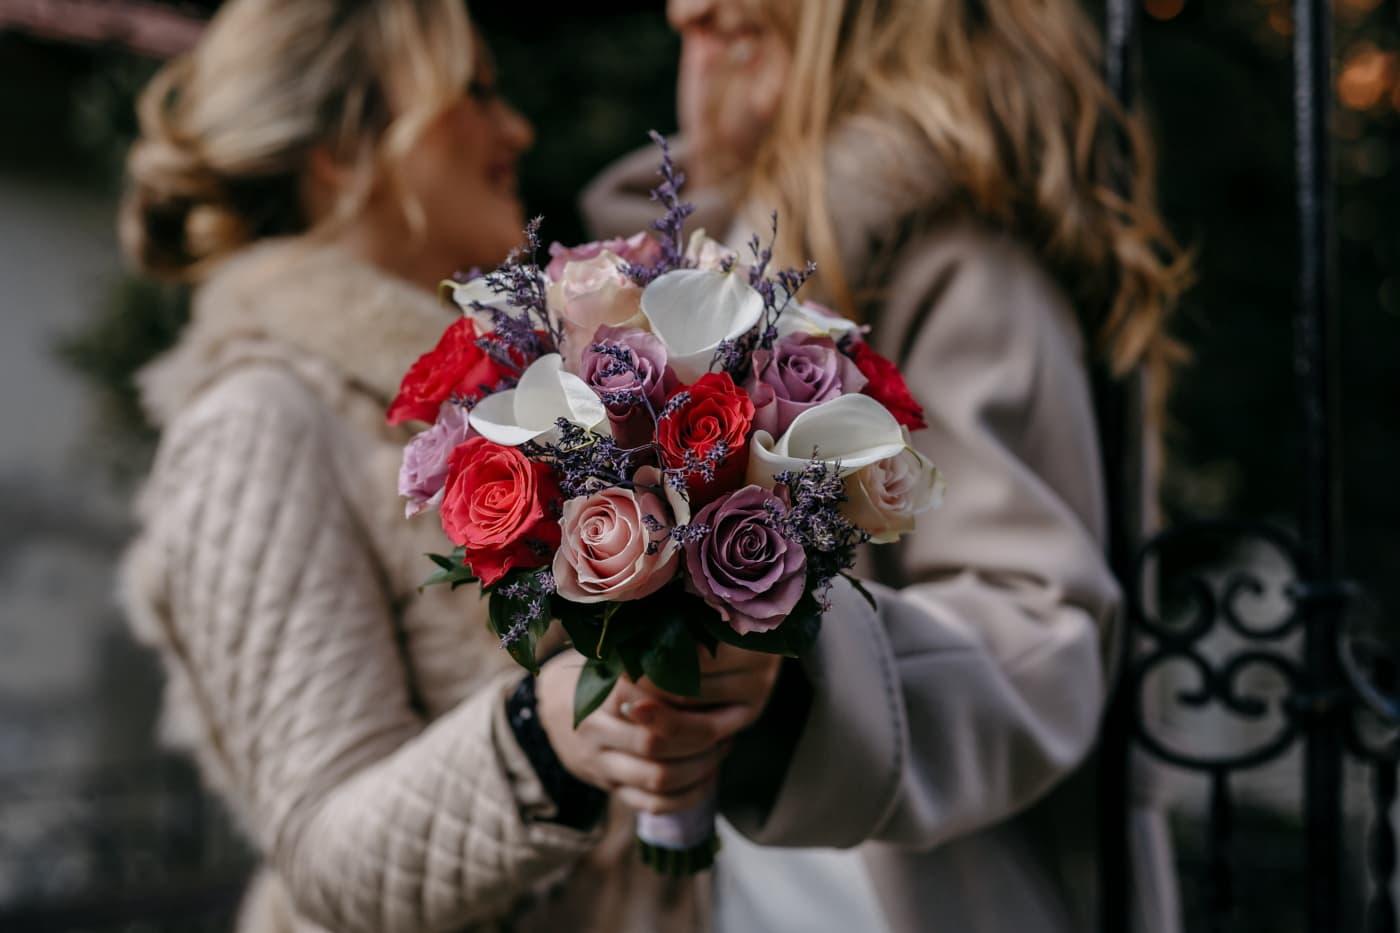 рози, букет, романтичен, нежност, емоция, приятелка, момичета, Роза, Любов, жена